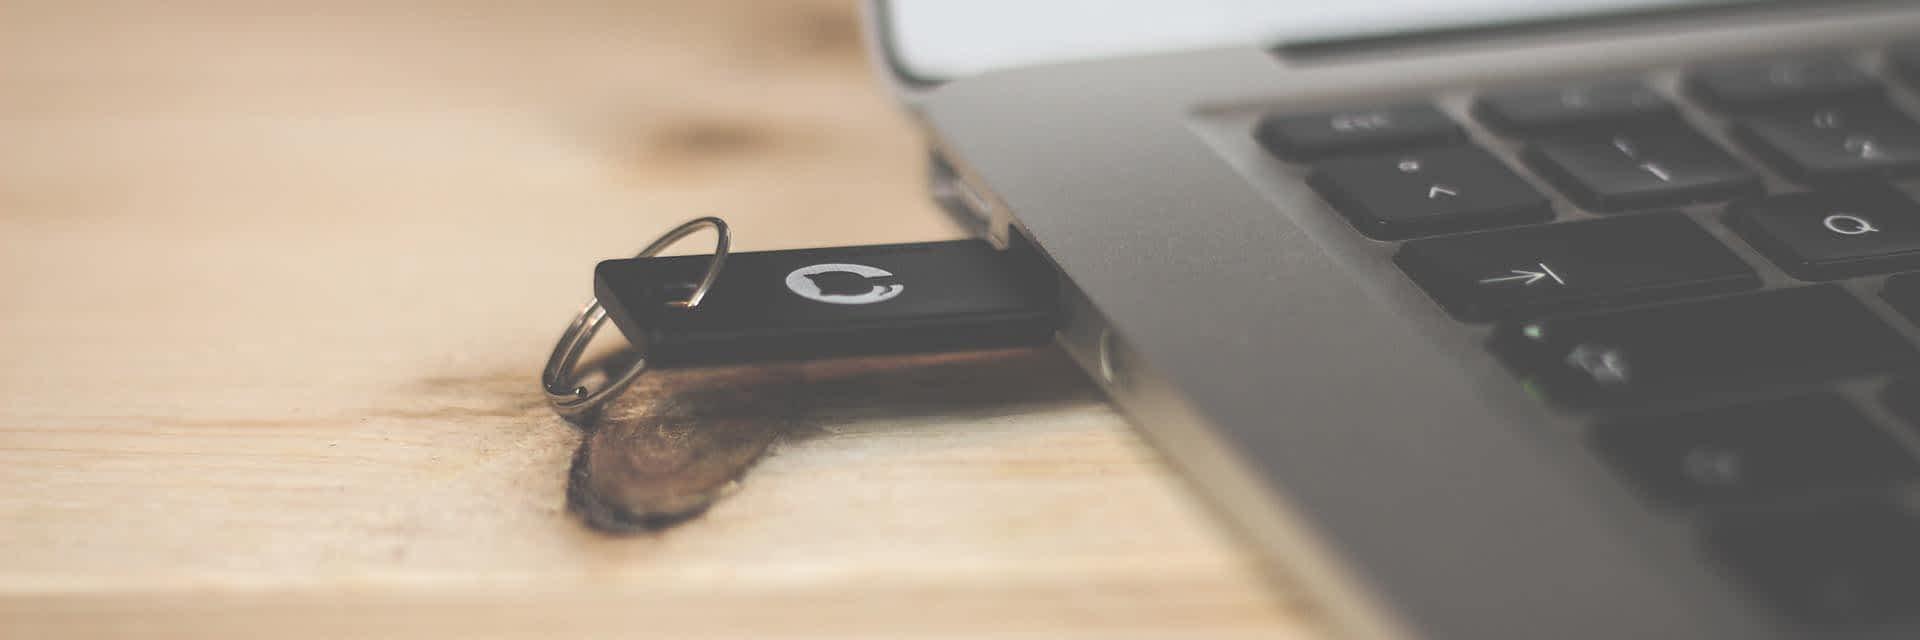 Le risque des clés USB